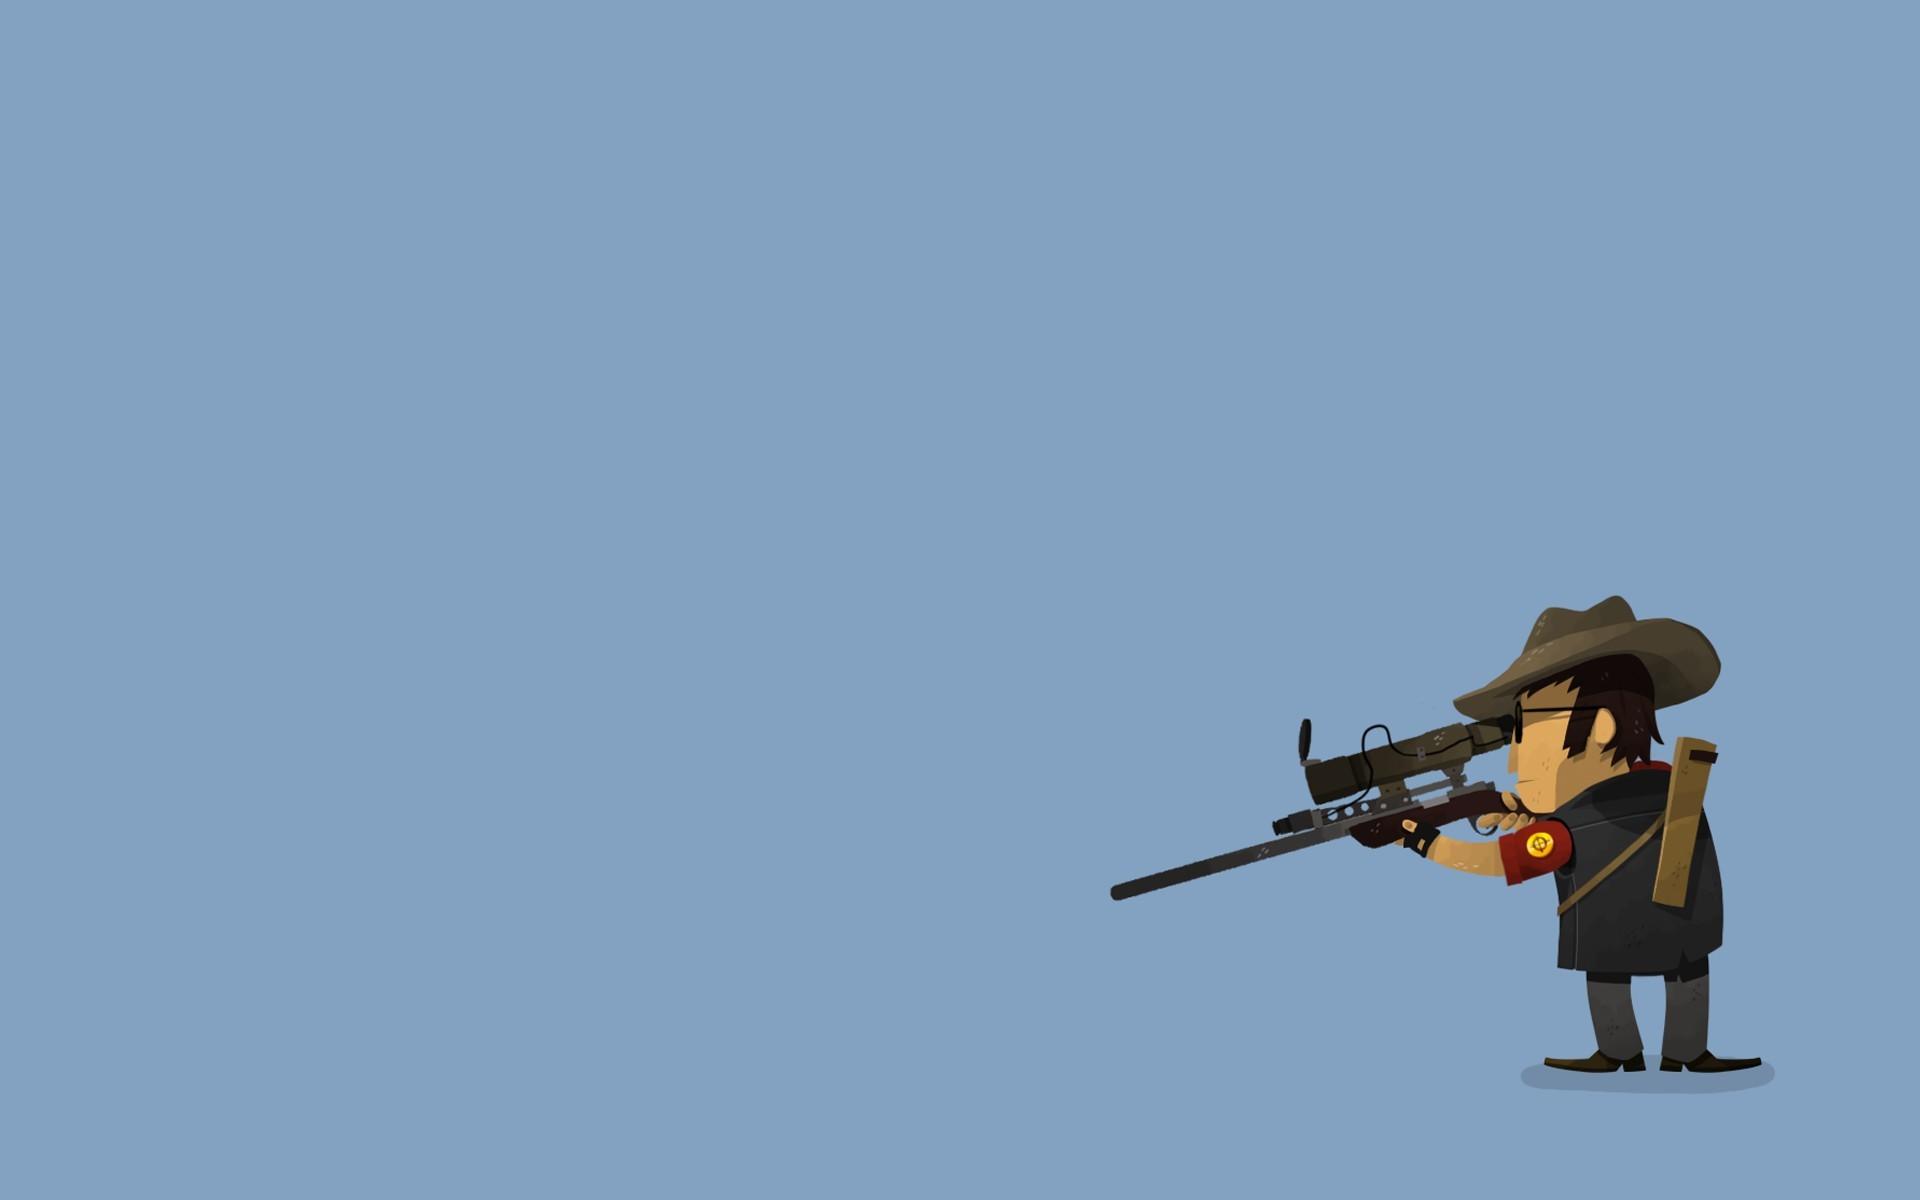 Res: 1920x1200, Video games team fortress 2 sniper tf2 wallpaper